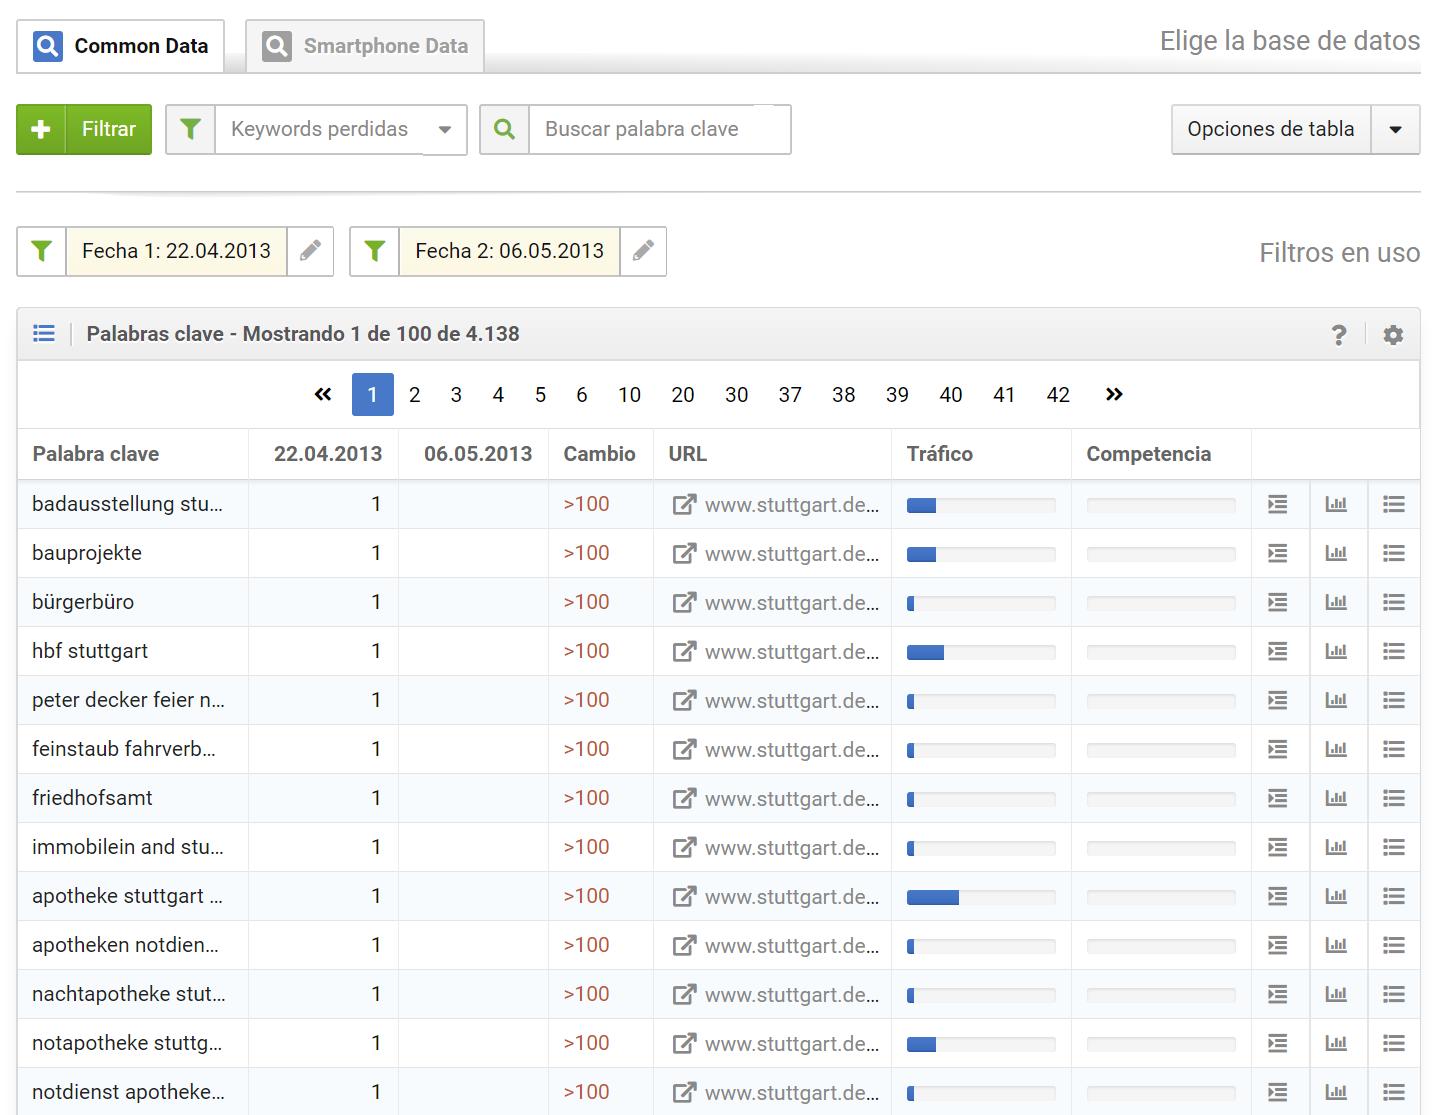 Palabras clave perdidas del dominio stuttgart.de entre el 22.04.2013 y el 06.05.2013 en los resultados de búsqueda de google.de